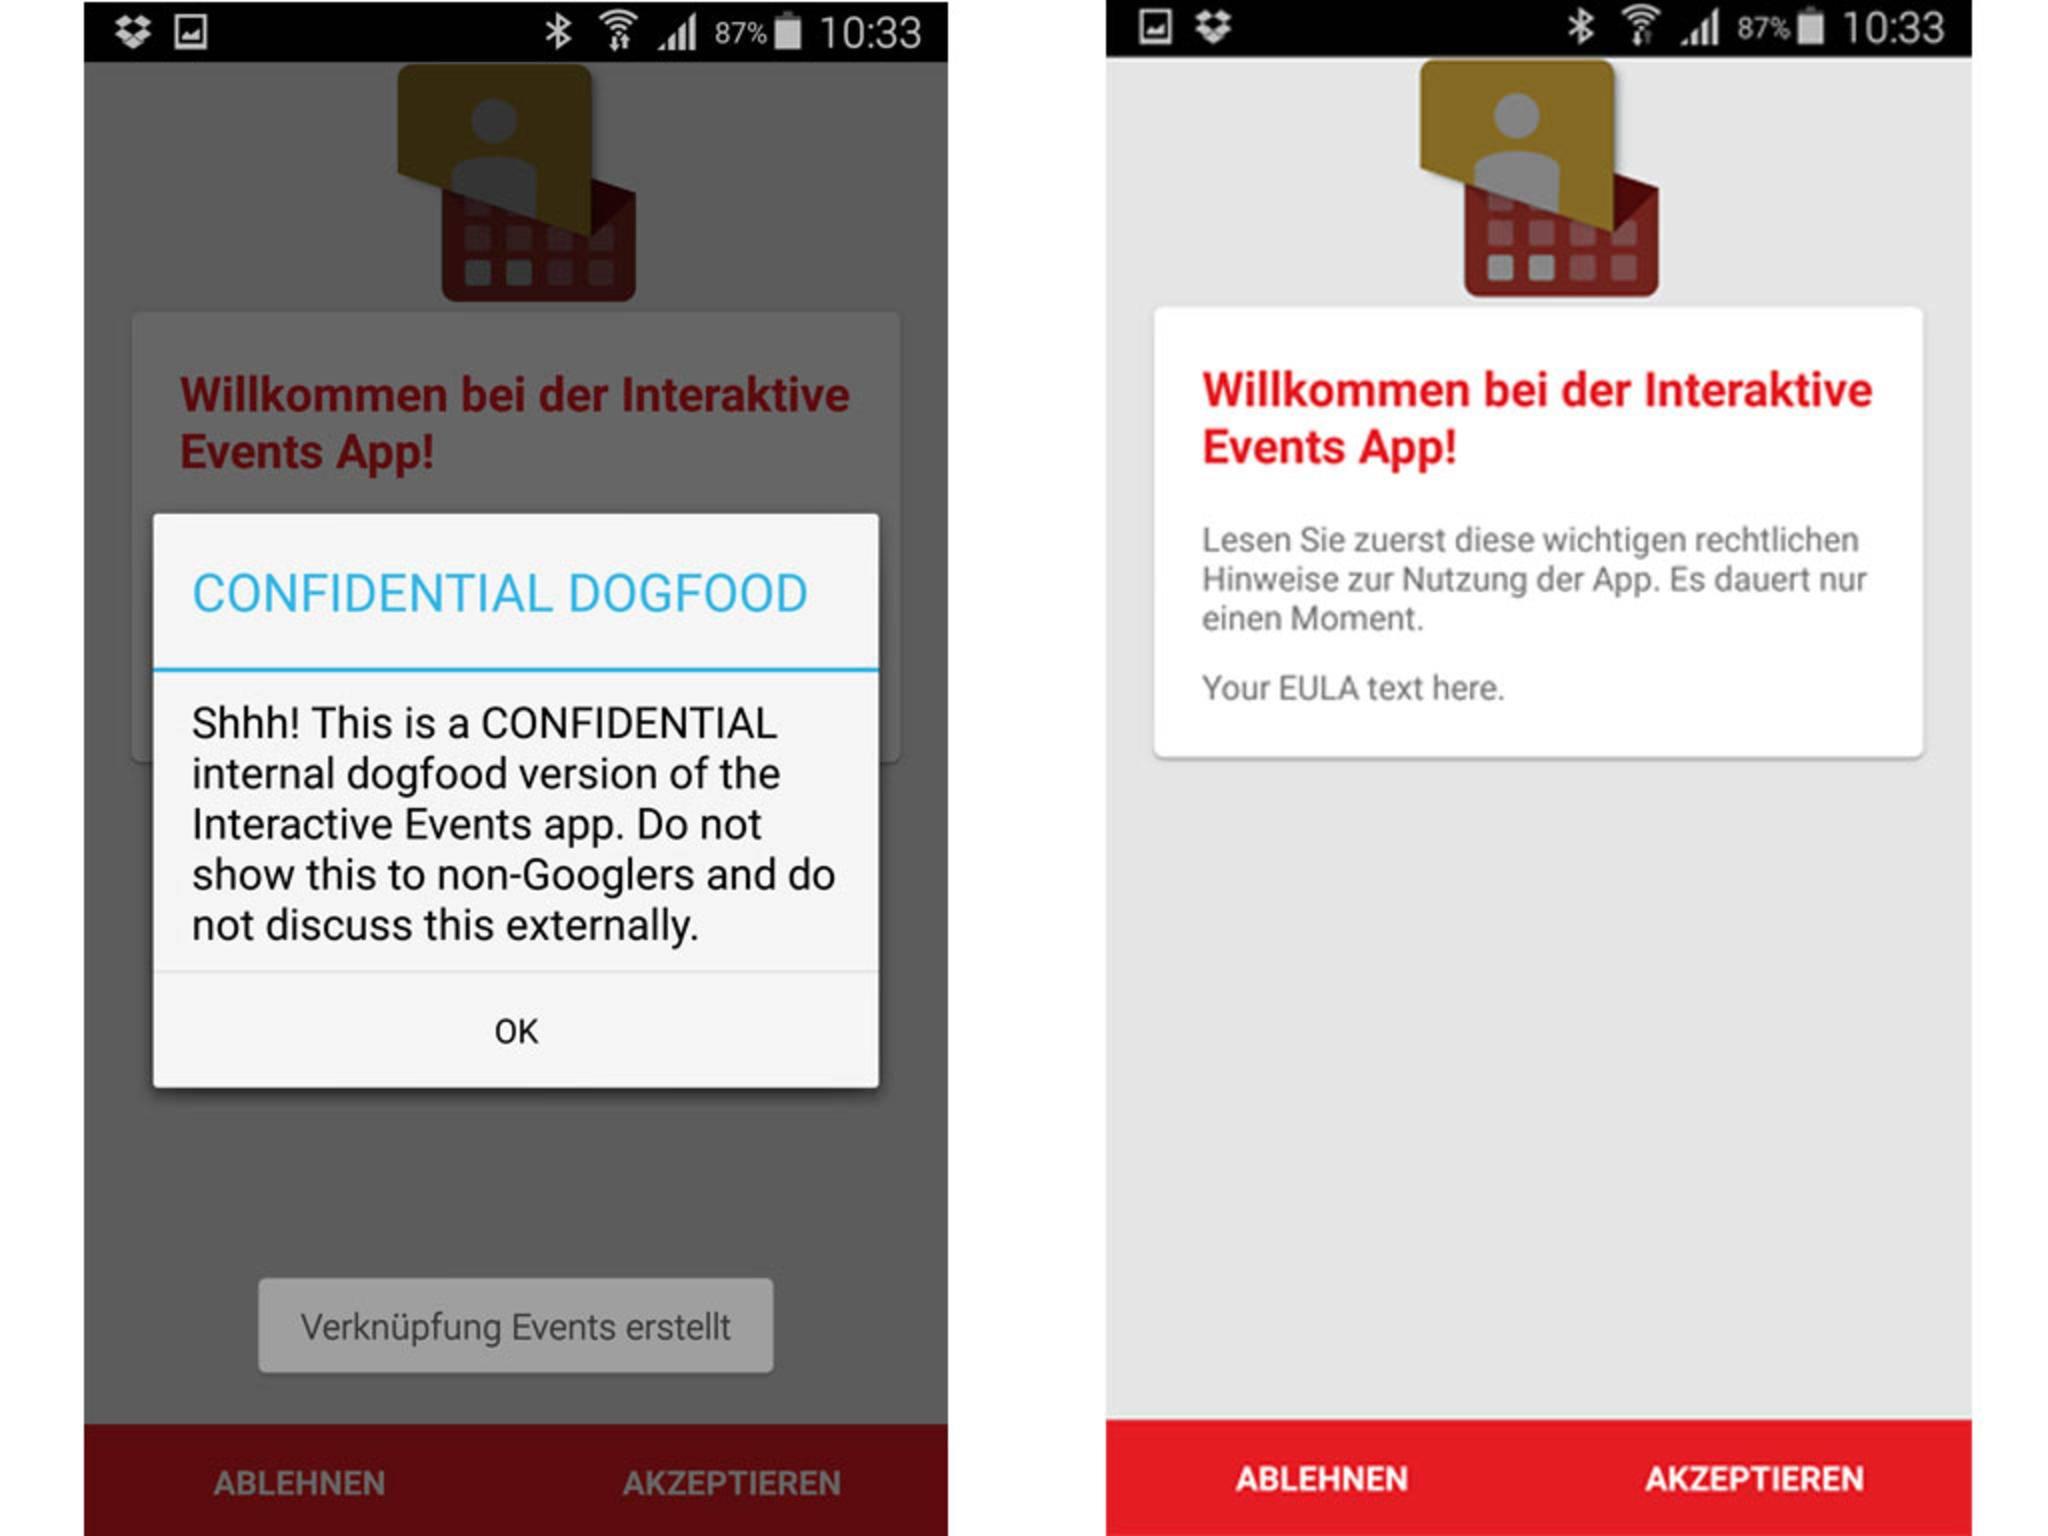 Interactive Events: Eine geheime App von Google, um Veranstaltungsbesuche zu planen?